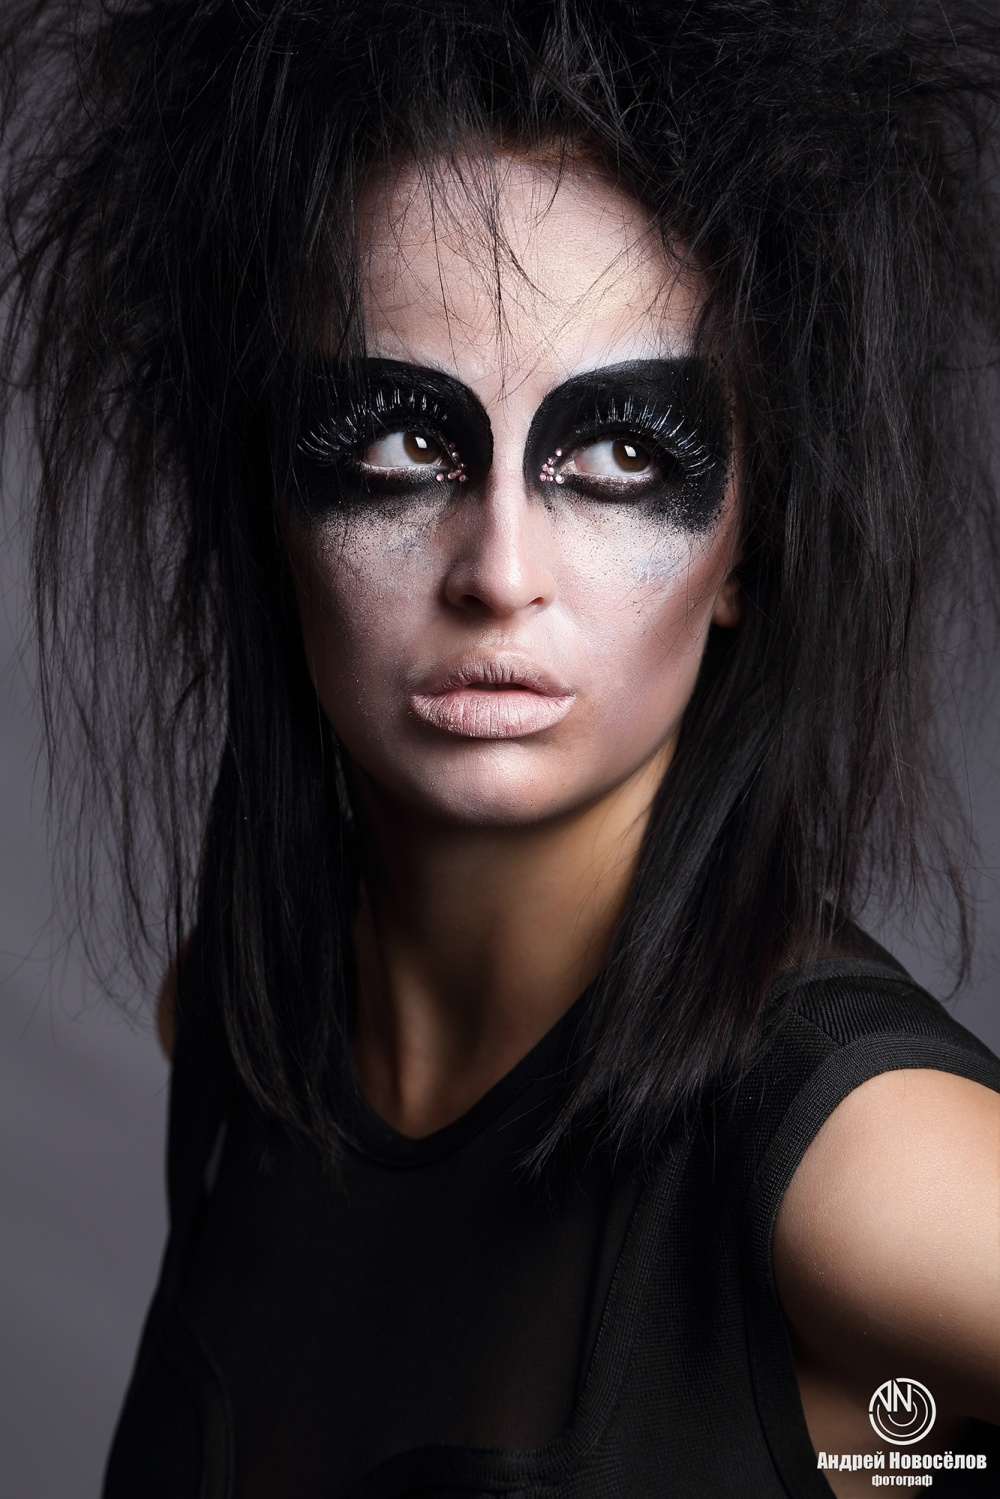 Советы профессионала: идеи для новогоднего макияжа: http://social.vb.kg/doc/225799_sovety_professionala:_idei_dlia_novogodnego_makiiaja.html